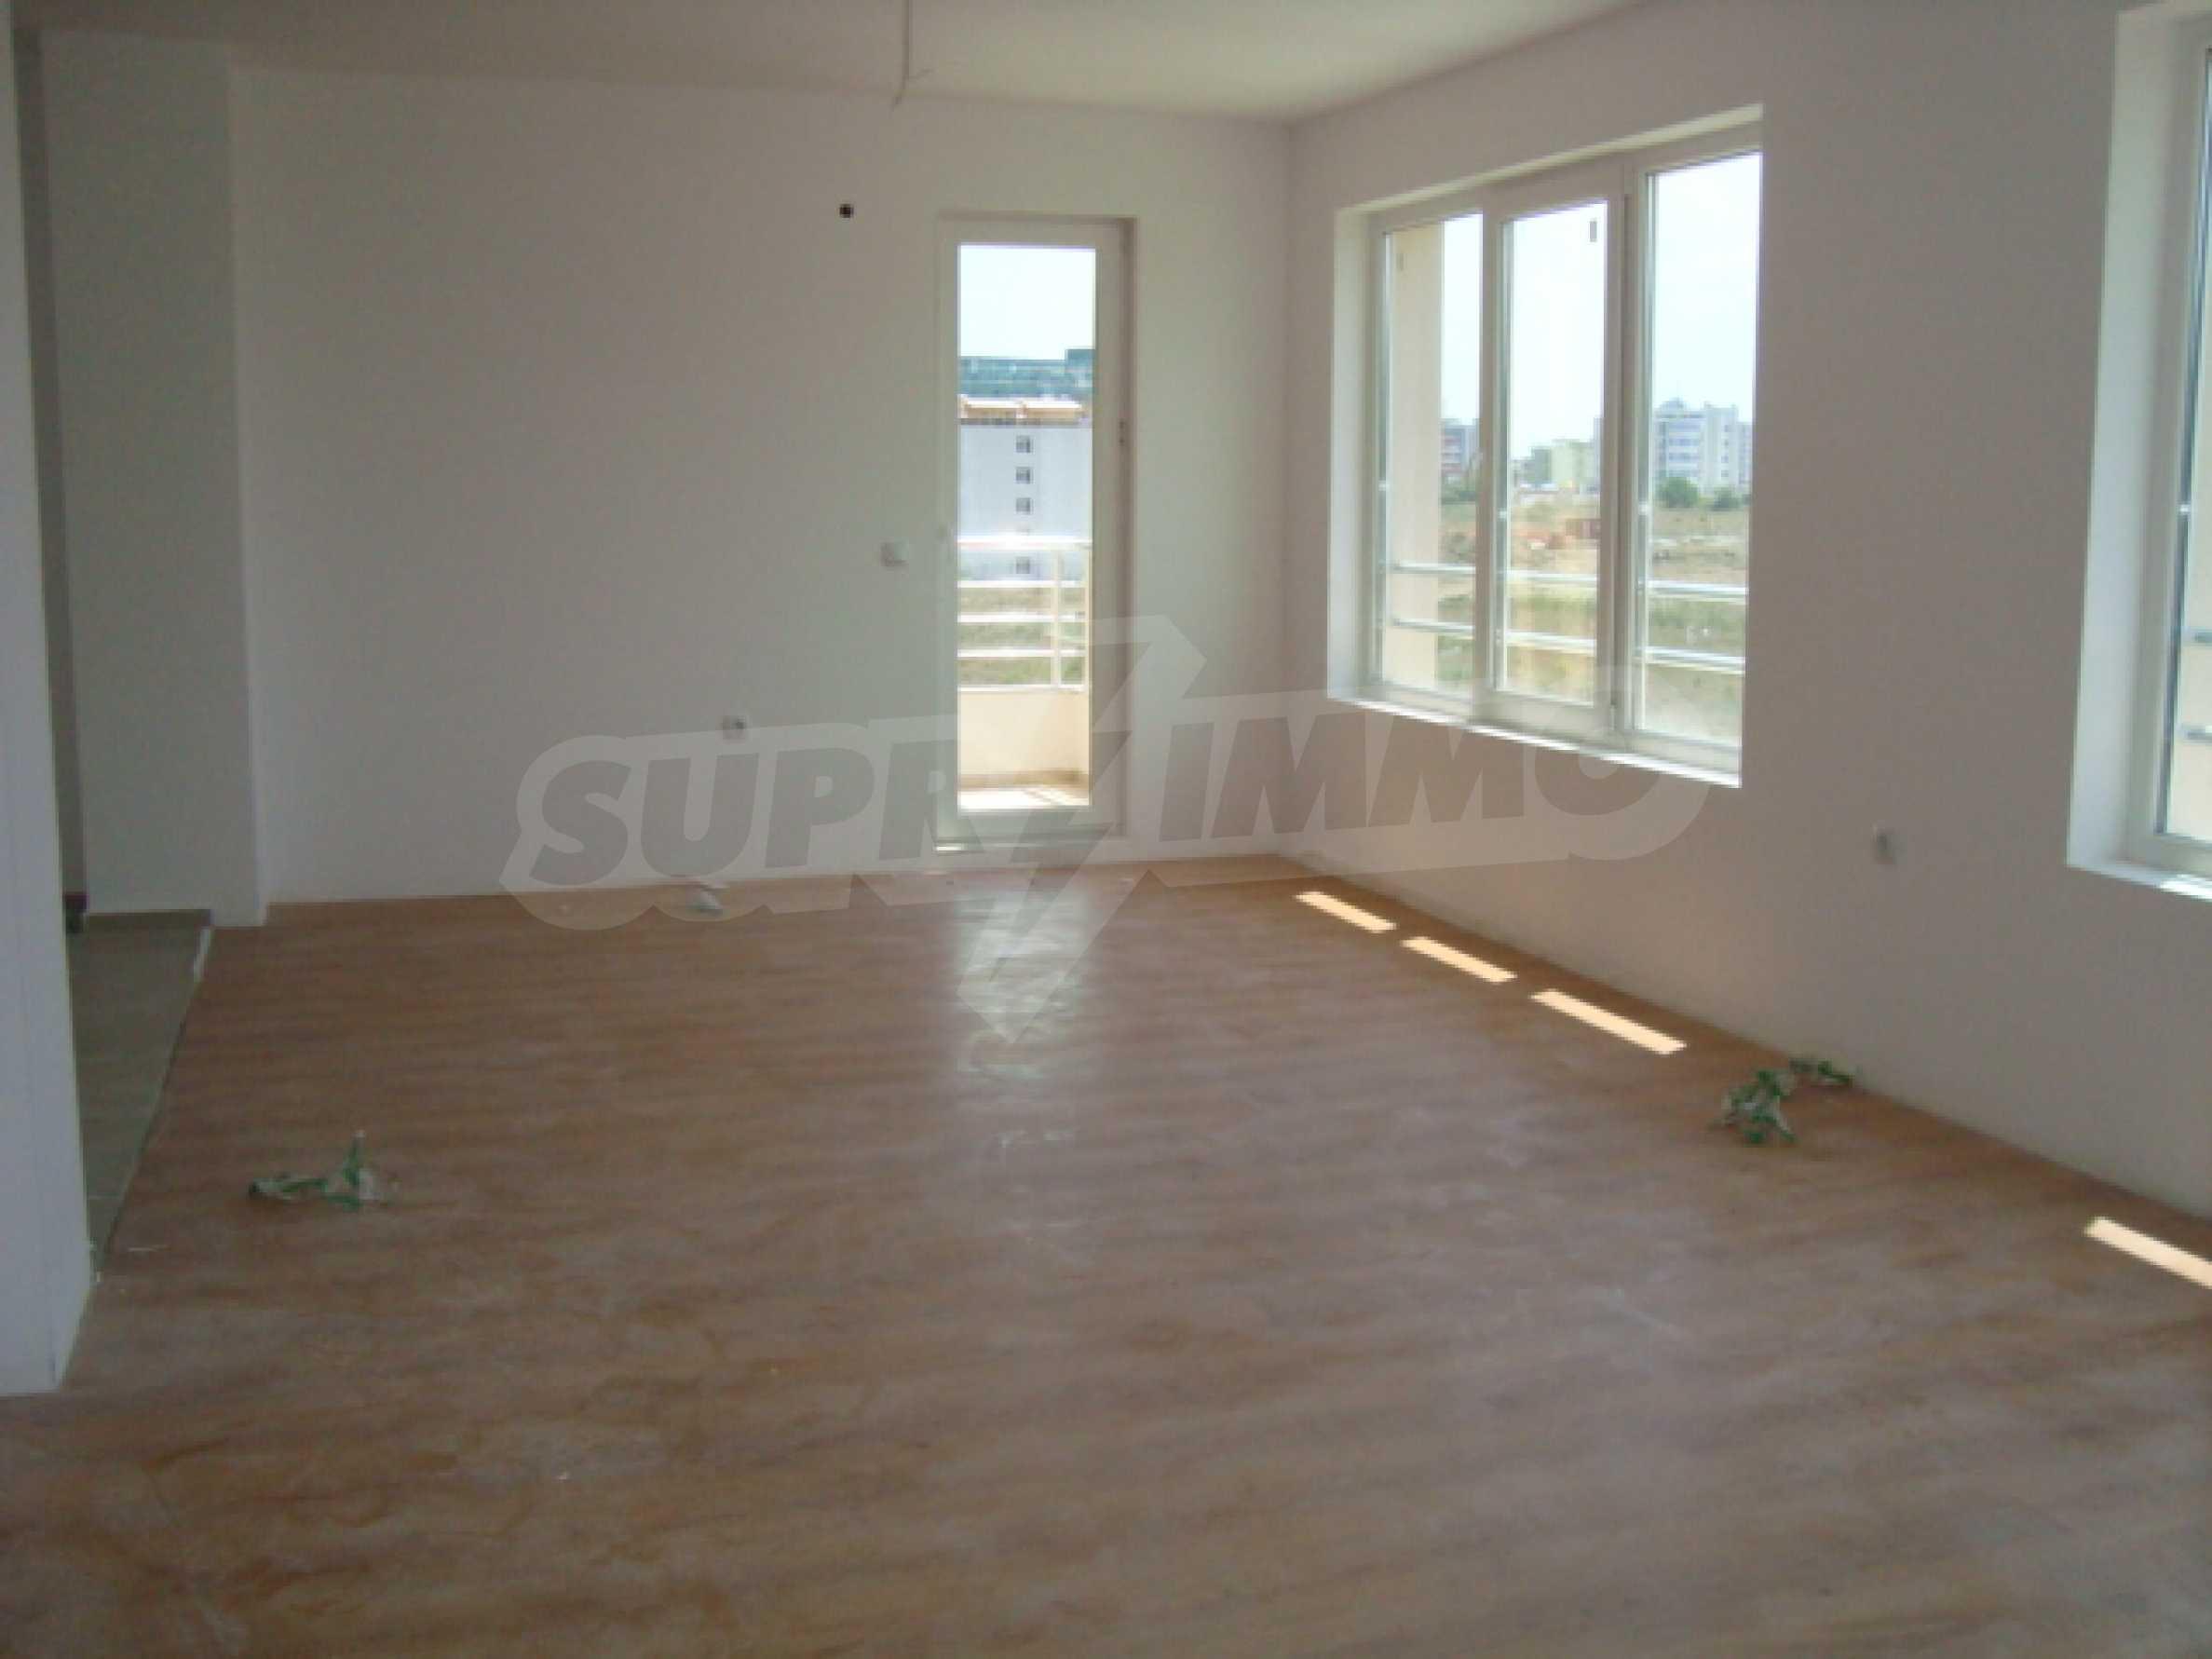 Апартаменти в нов комплекс до плажа и резерват Ропотамо в Приморско 19